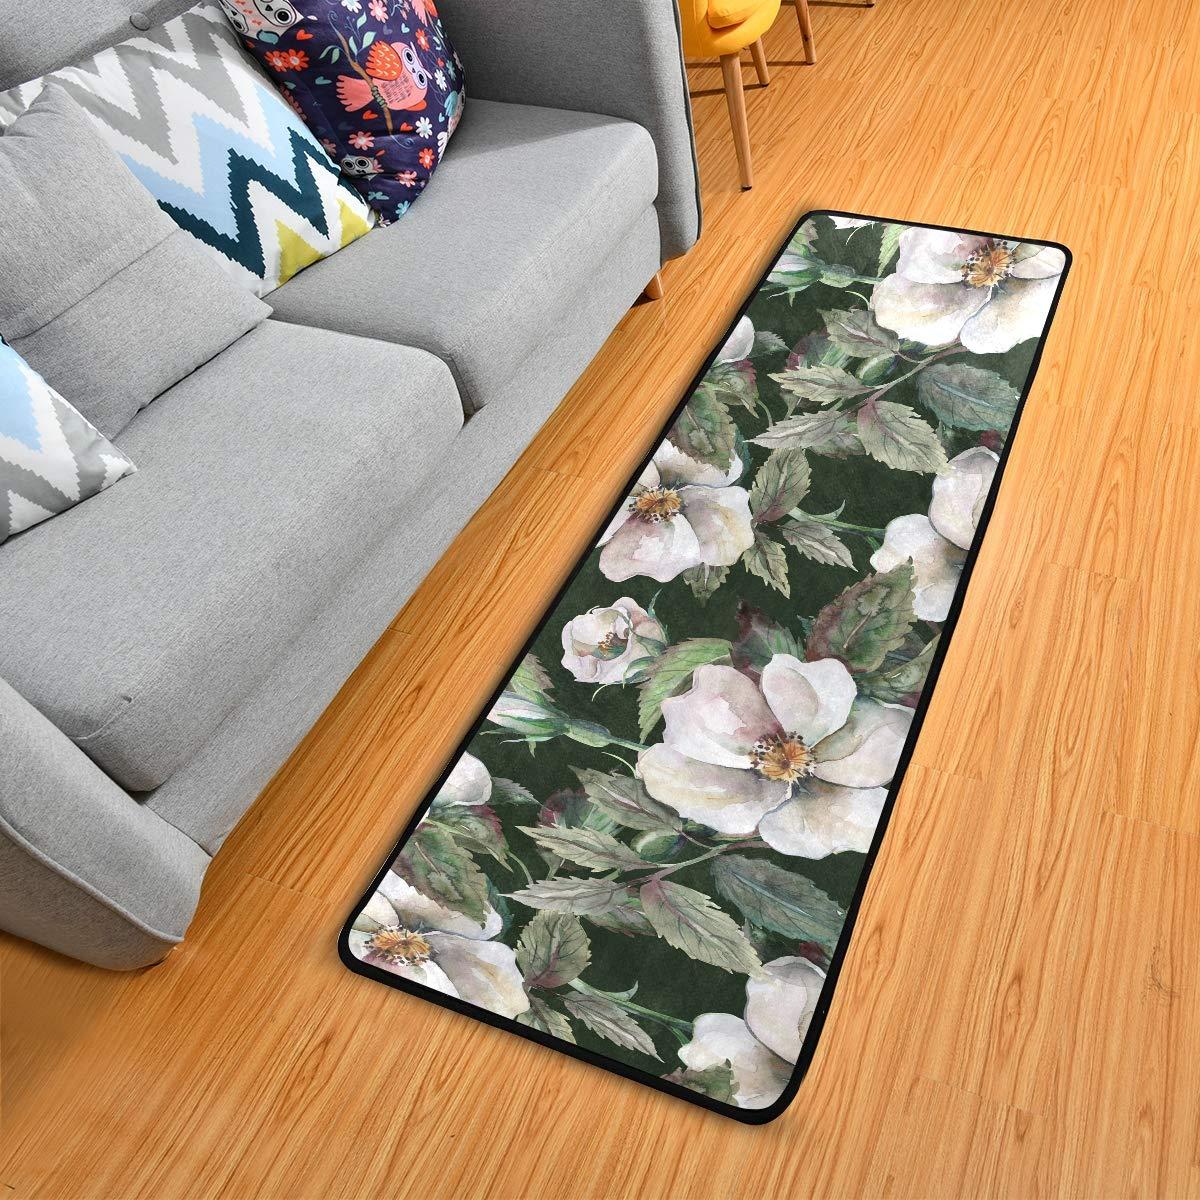 Hallway Runner Rug Rubber Backing - Flowers Runner Rug for Kitchen Rug Carpet Runner Non Skid Washable Rug Runner 2x6